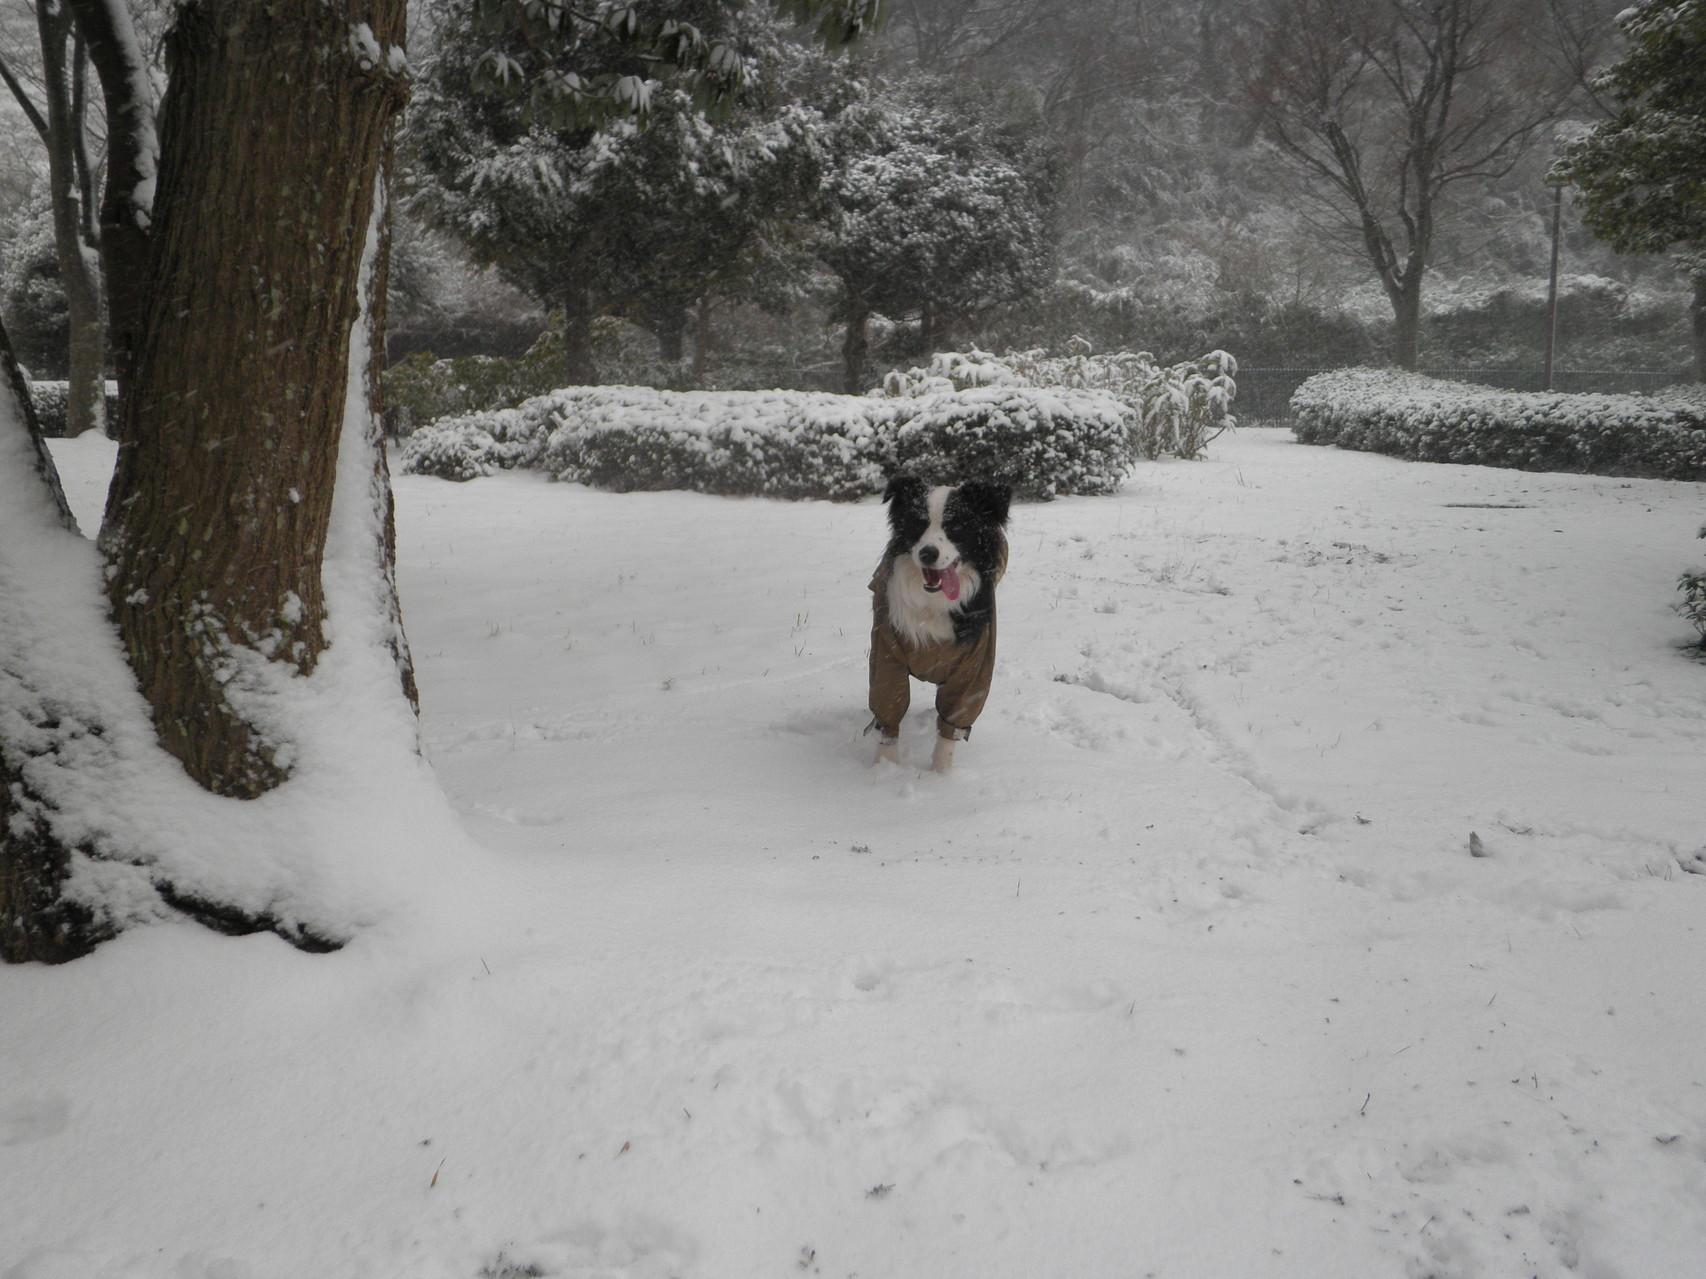 どうしたの?もっと遊ぼう 雪って滑って転んで何でこんなに面白いのかな?